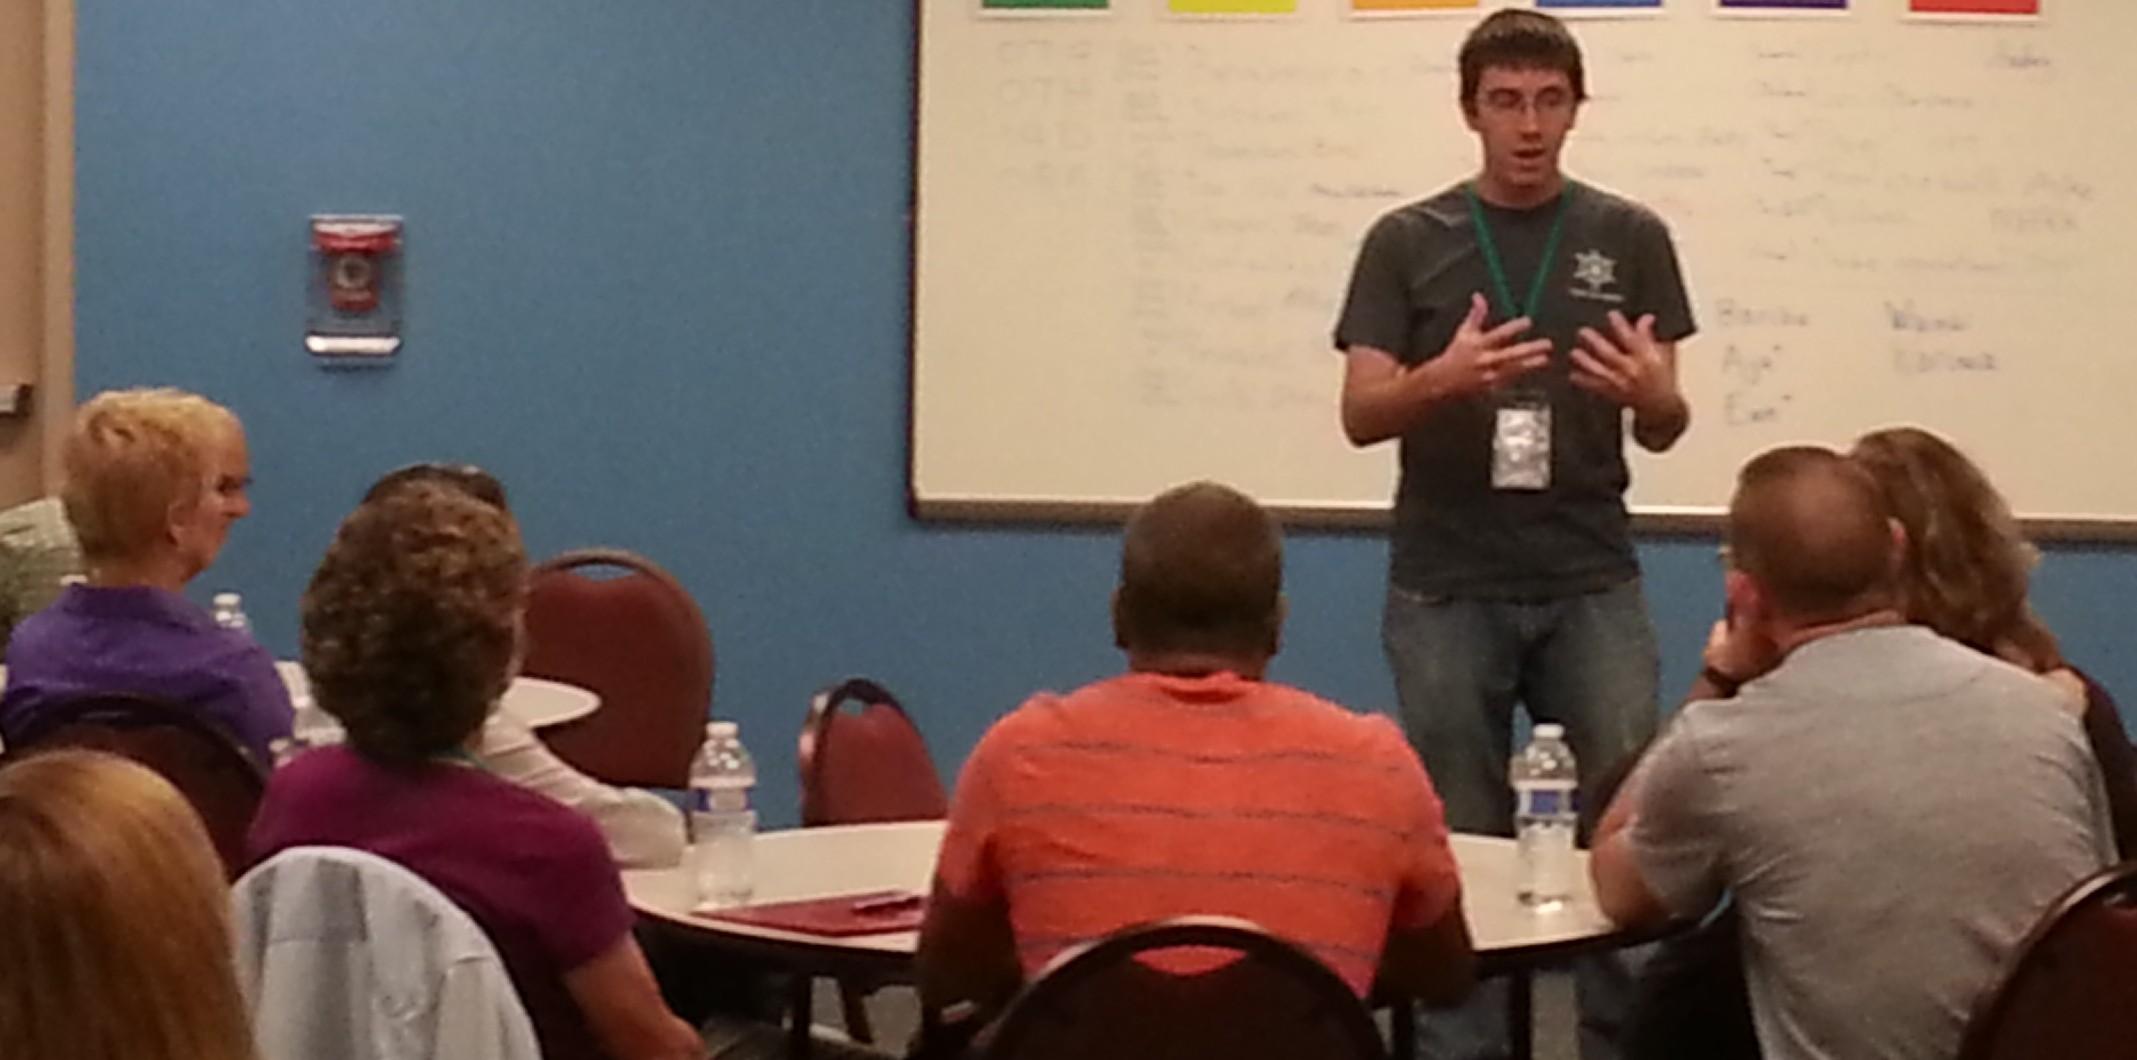 a guy teaching